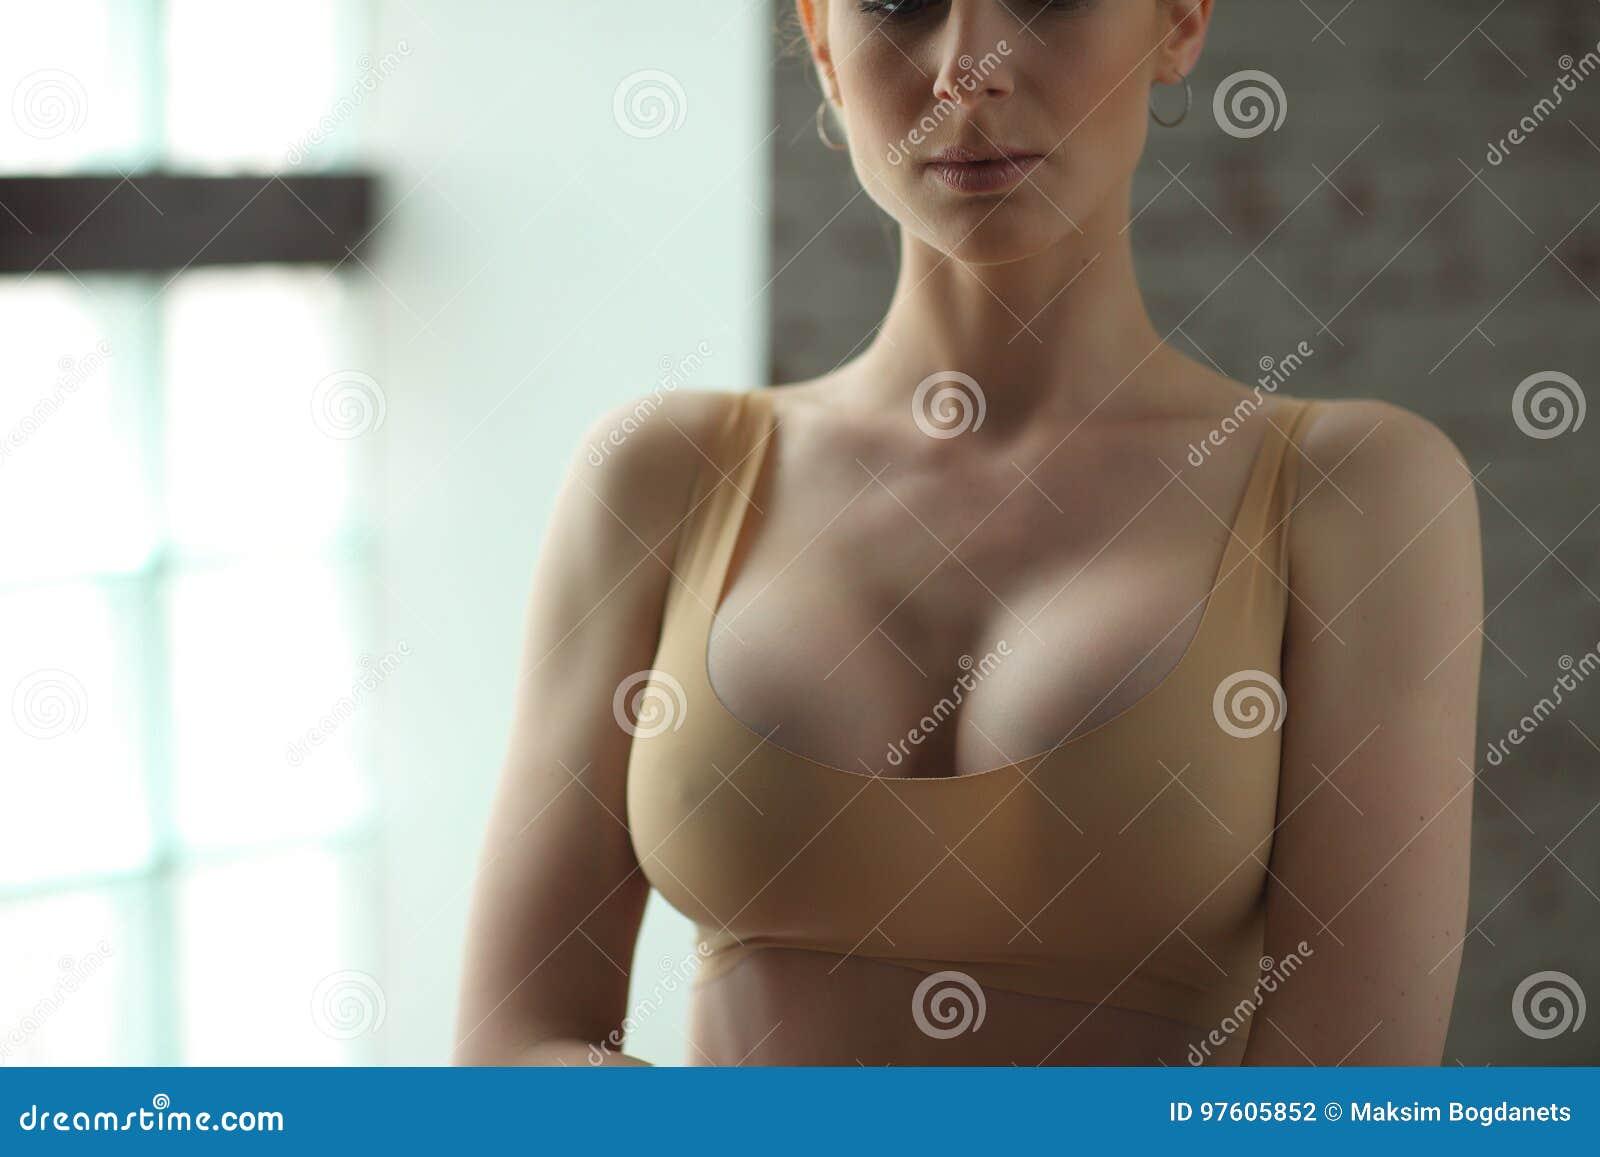 Худенькие девушки с большой грудью, мужик дрочит свою пушинку